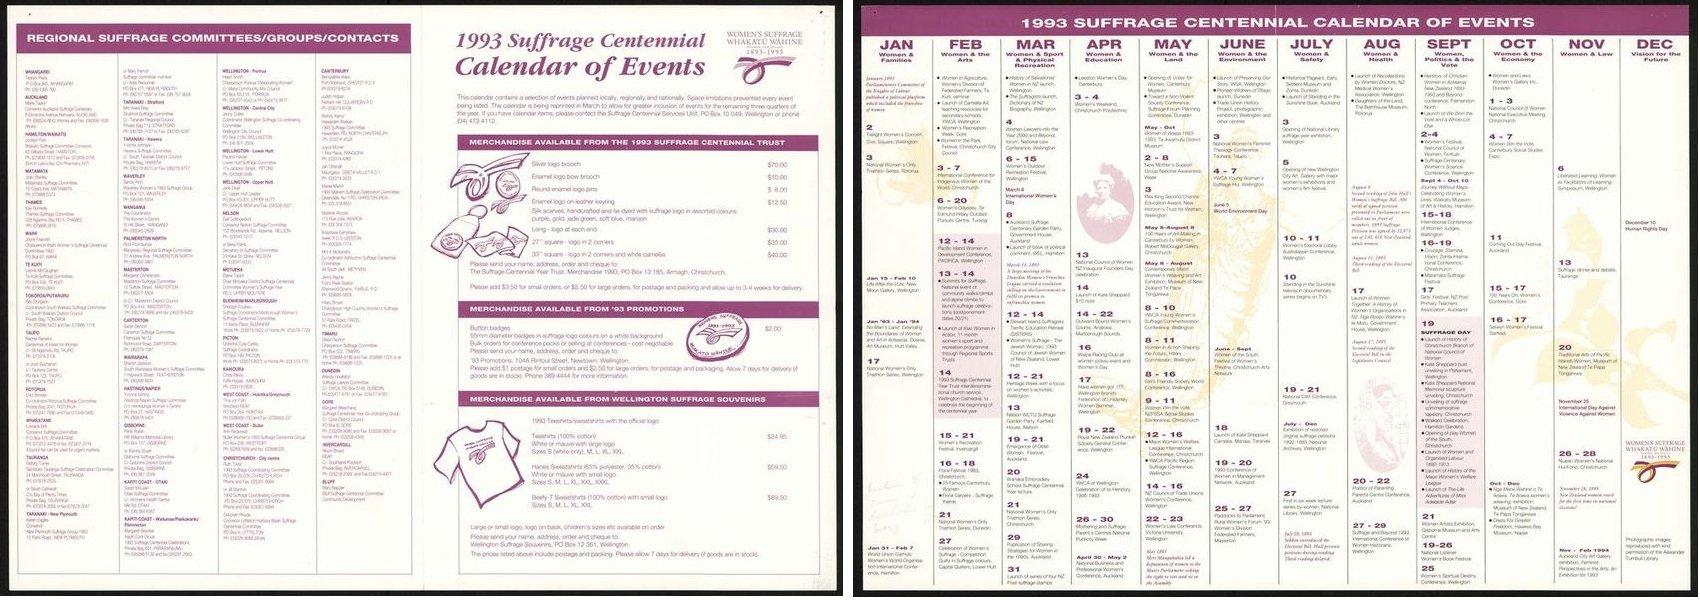 1993 Suffrage Centennial Calendar Of Events